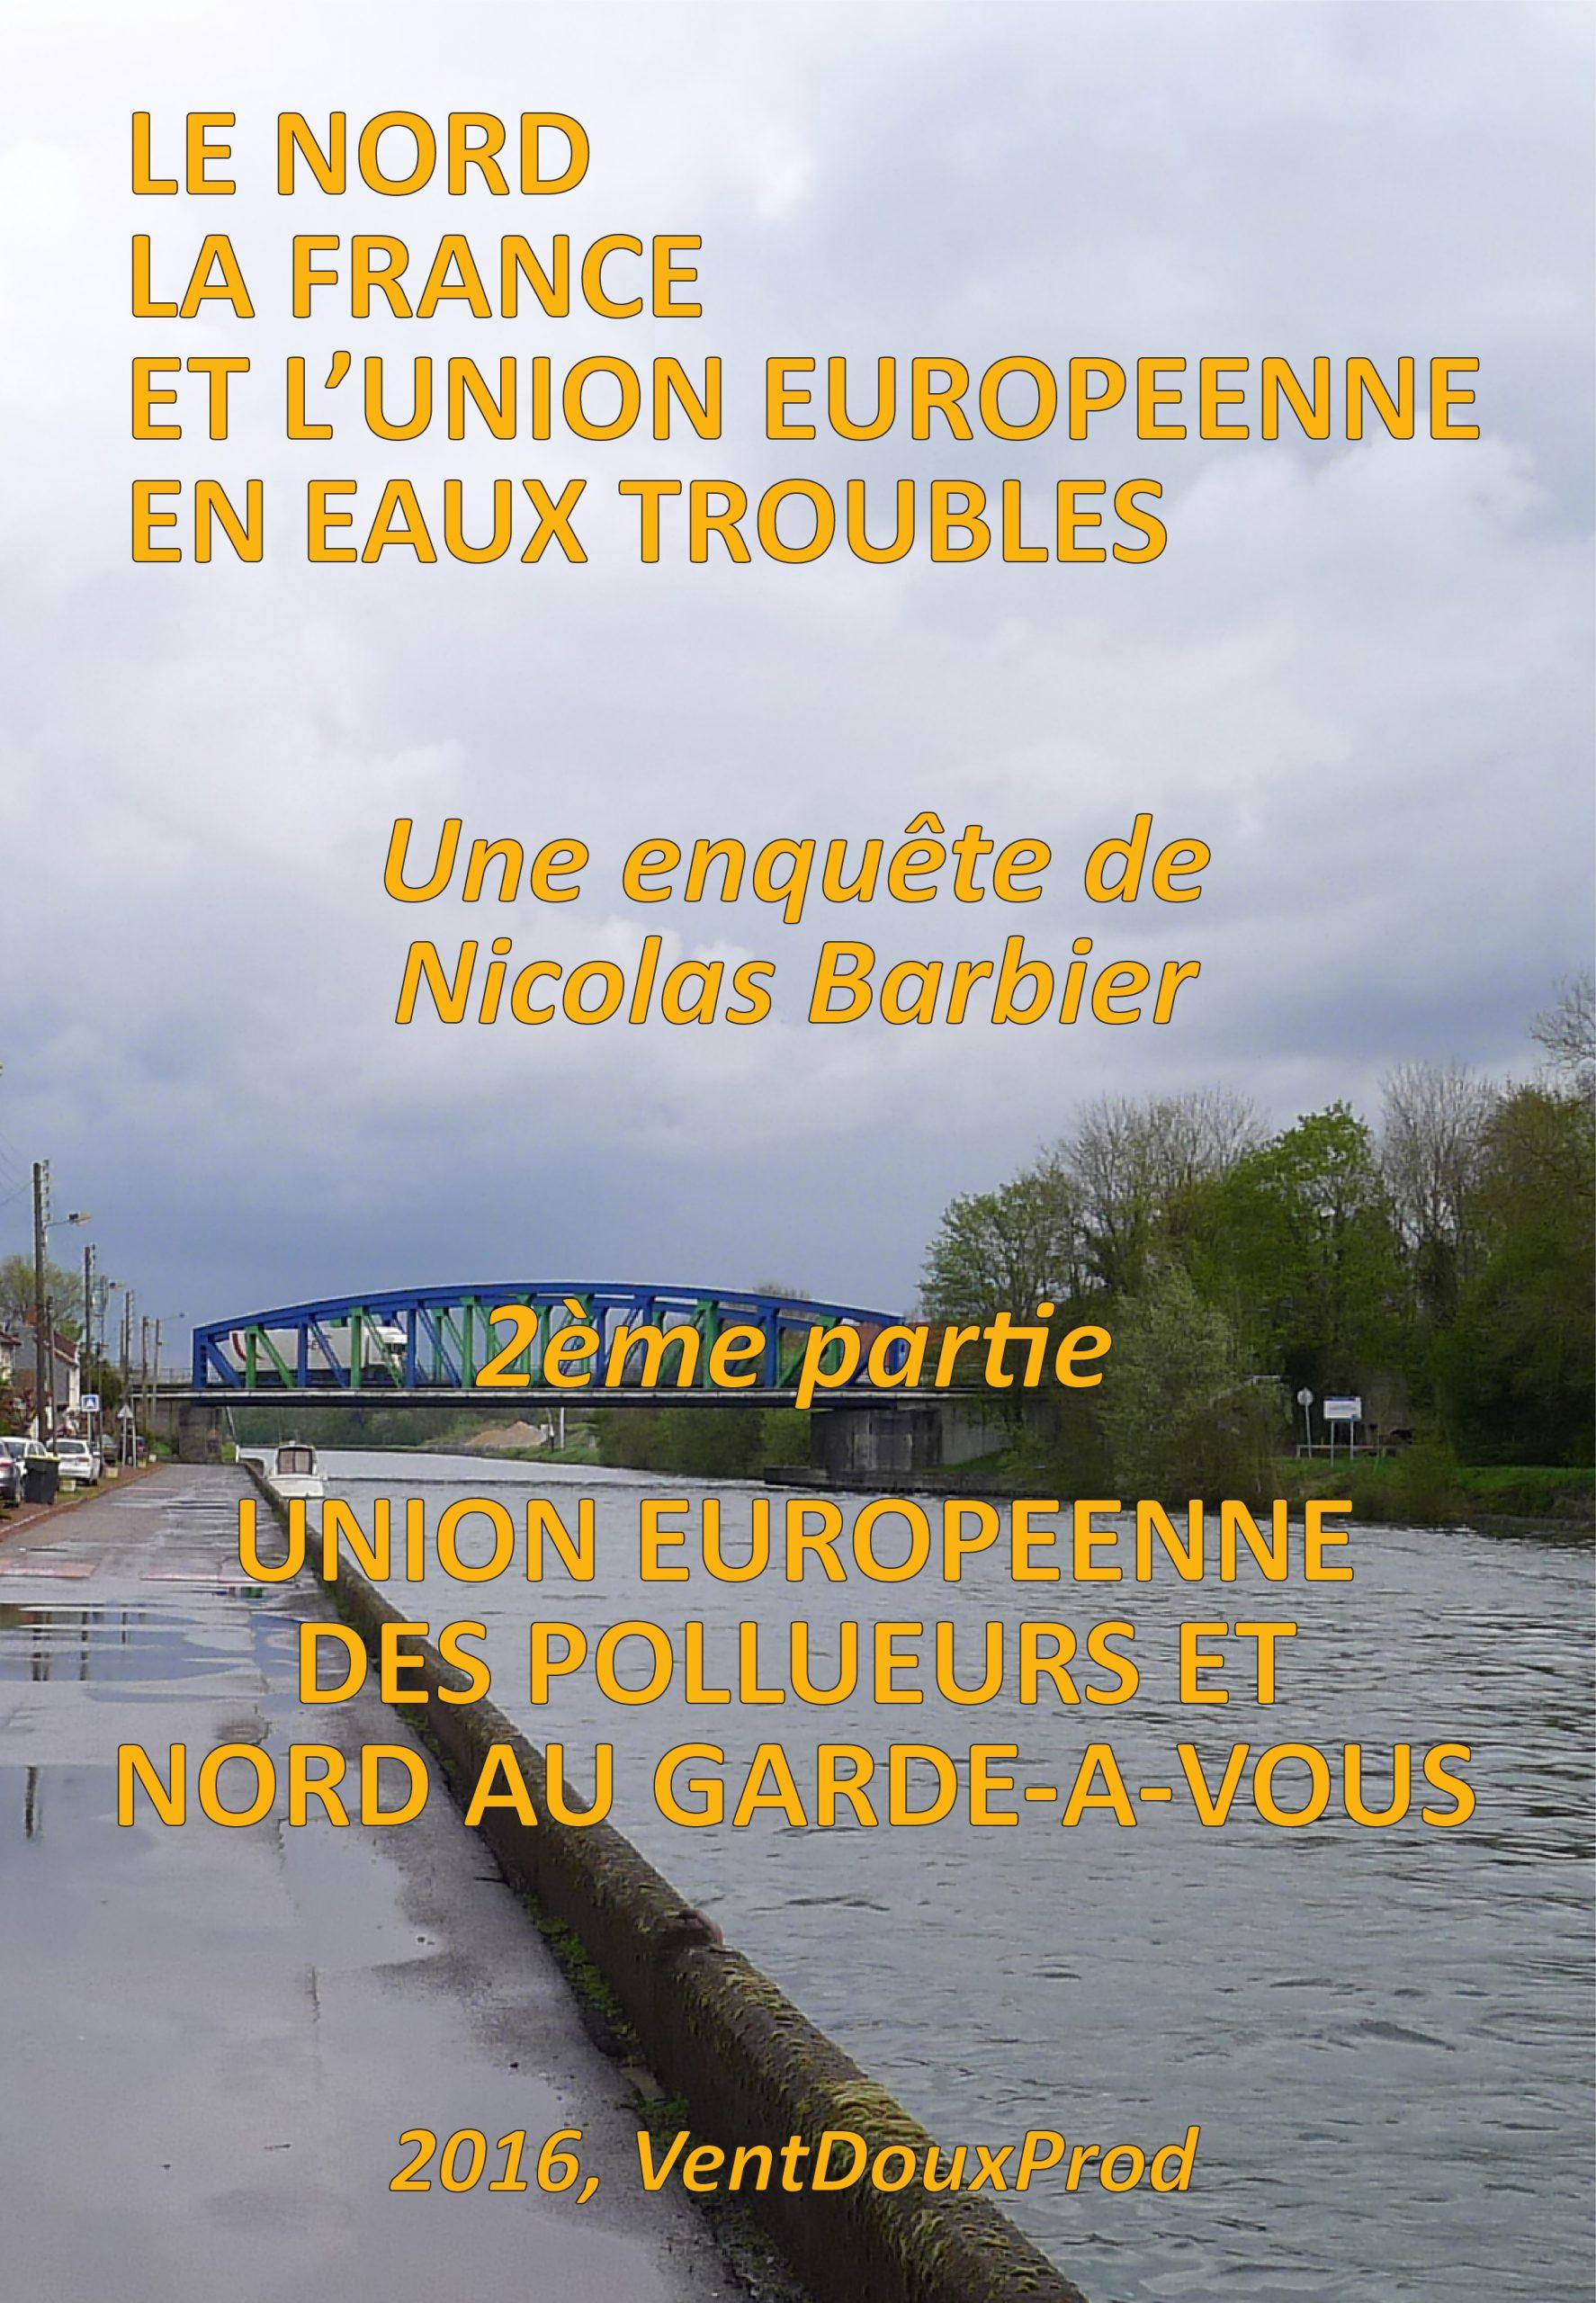 Eaux troubles 2 – Europe des pollueurs (7/2016)